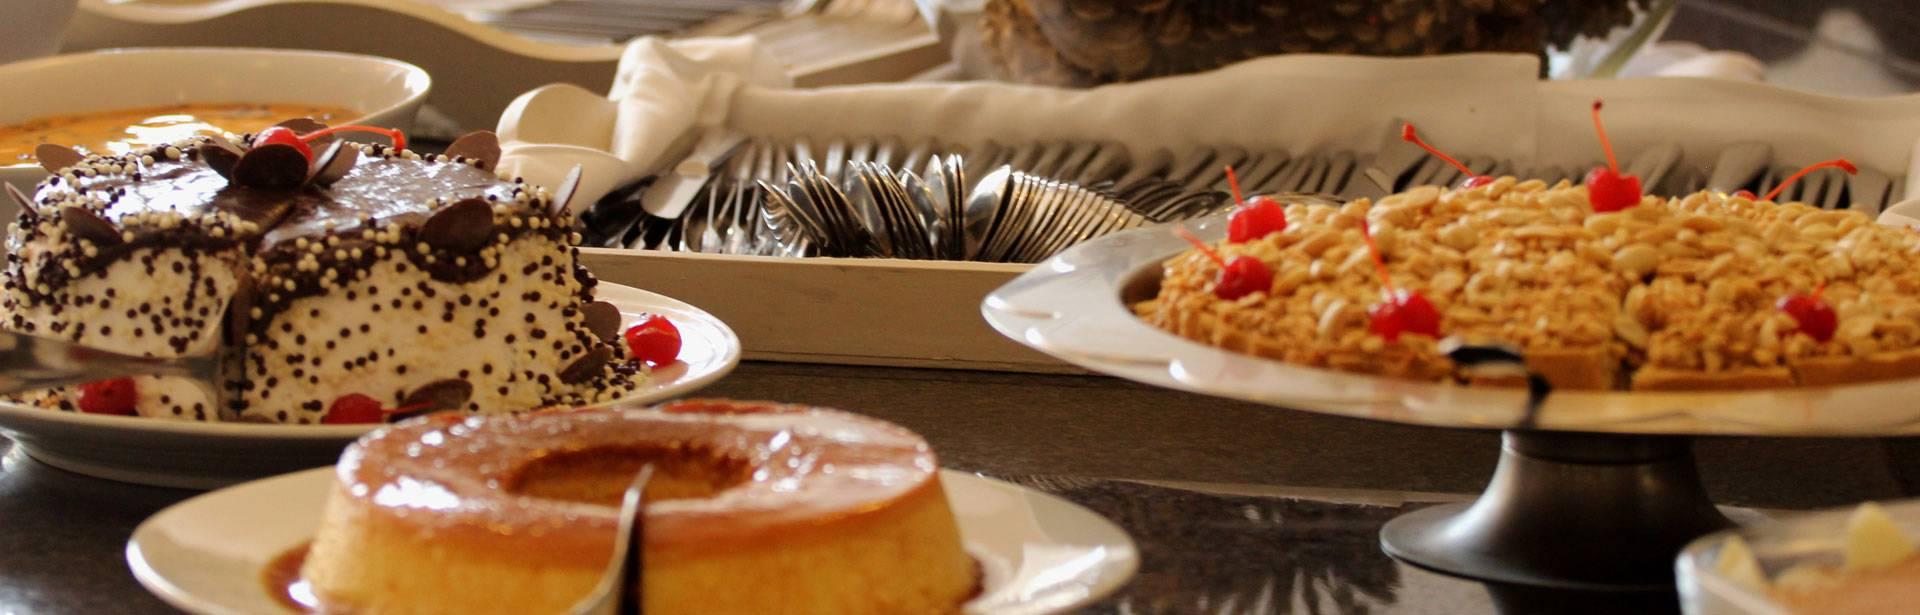 Imagem Hotel Zanon - Gastronomia